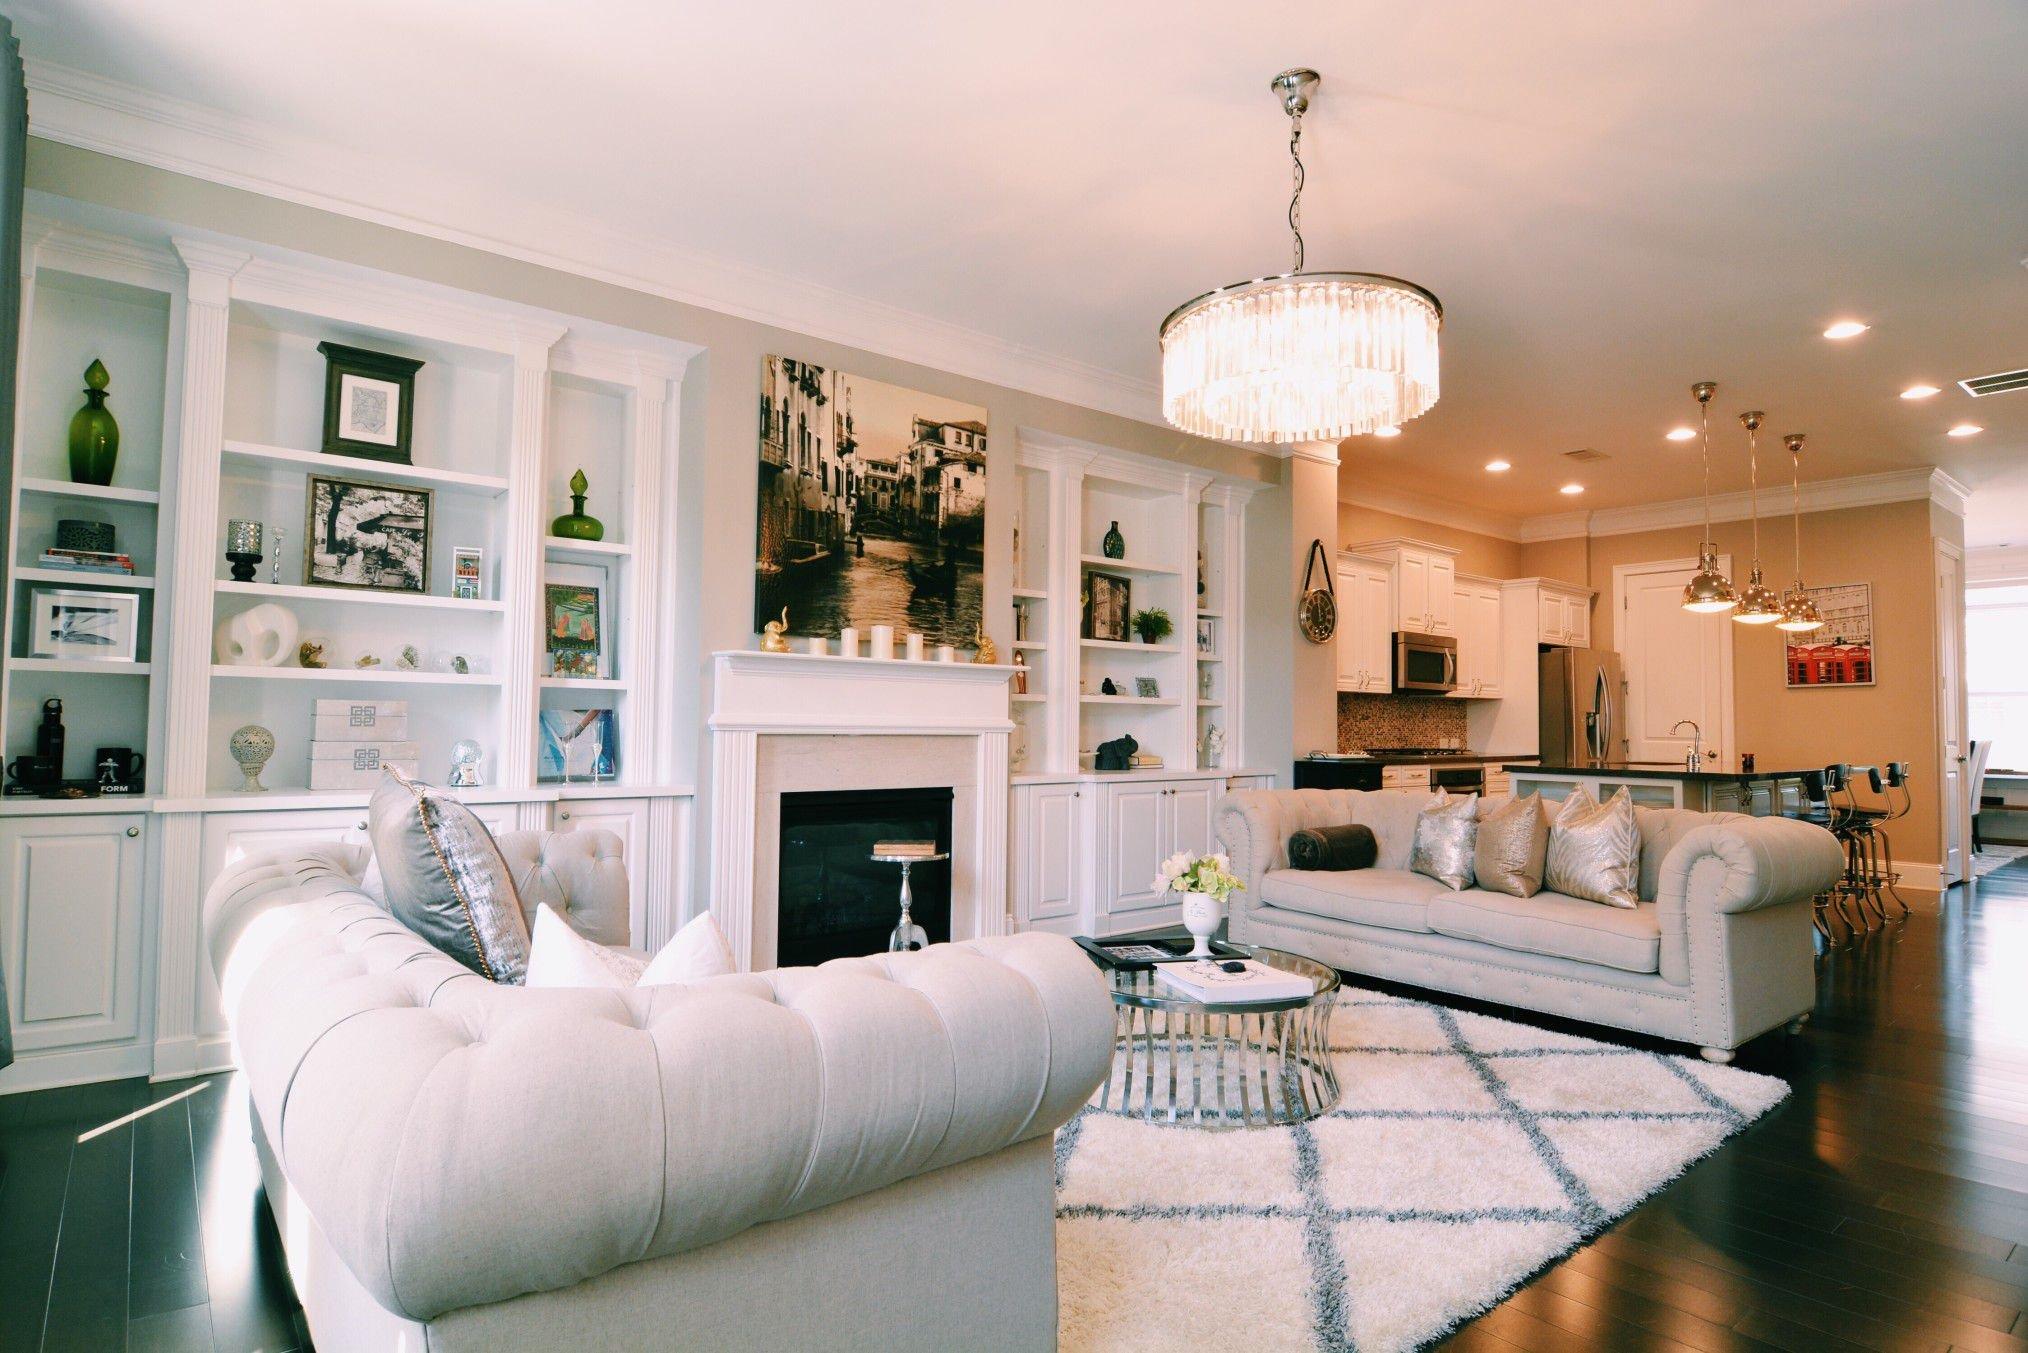 غرف معيشة مستطيلة الشكل بالصور